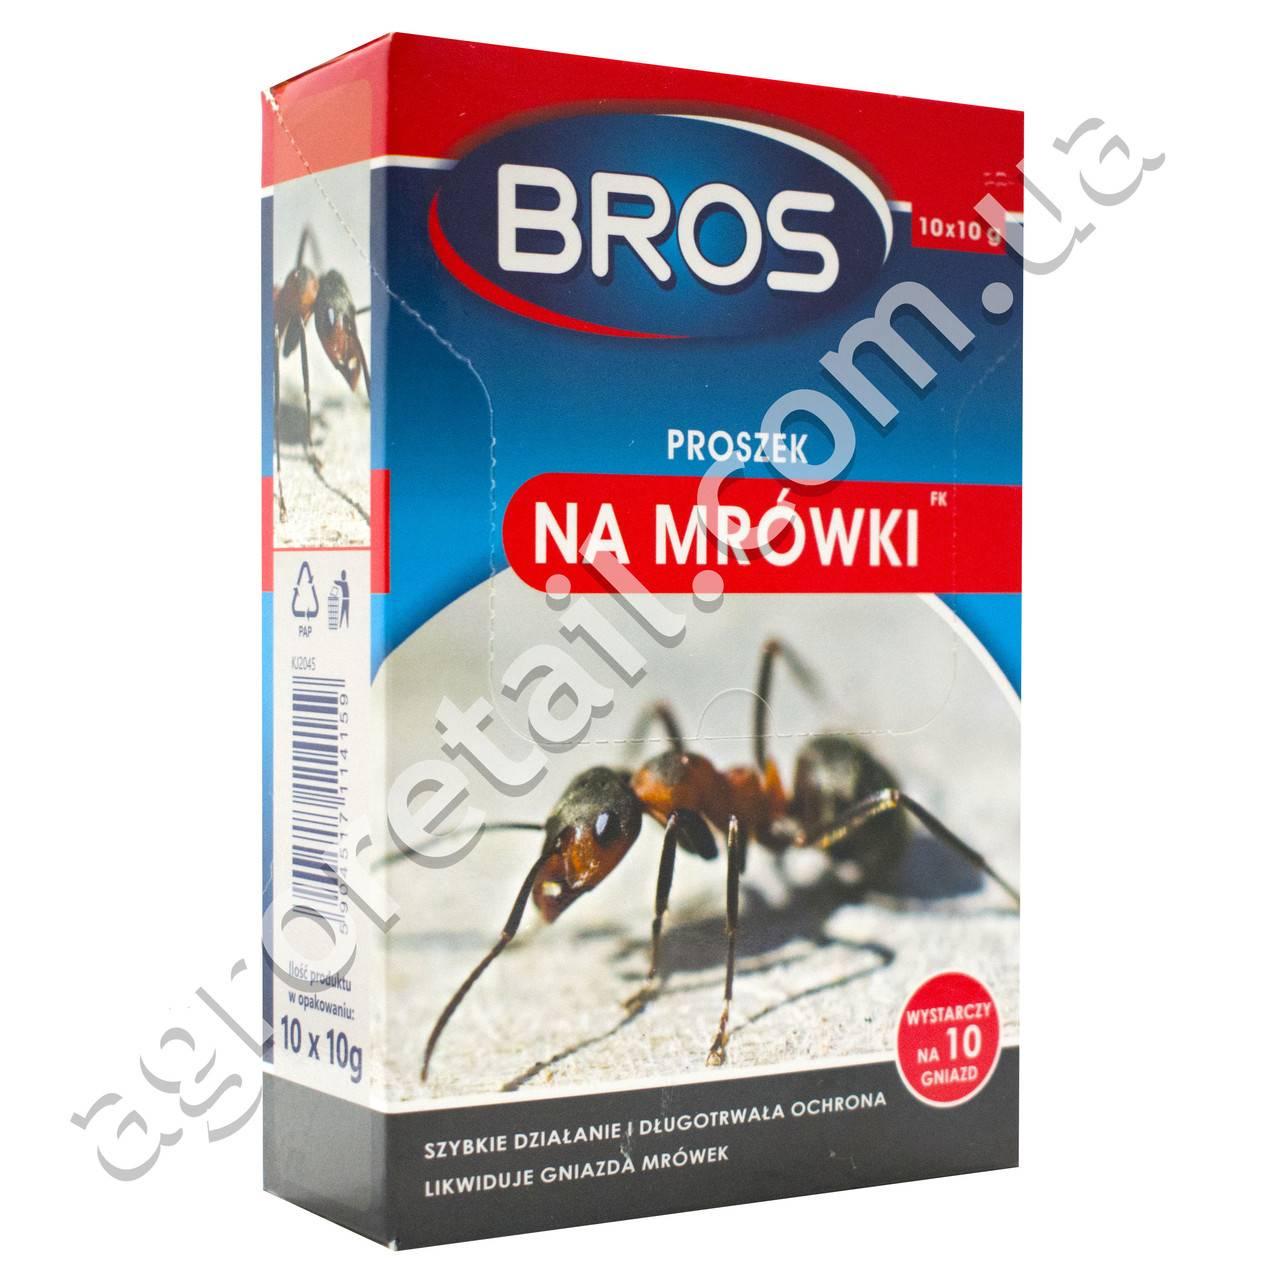 Эффективные порошки от муравьев, безопасные для людей: правда или миф?